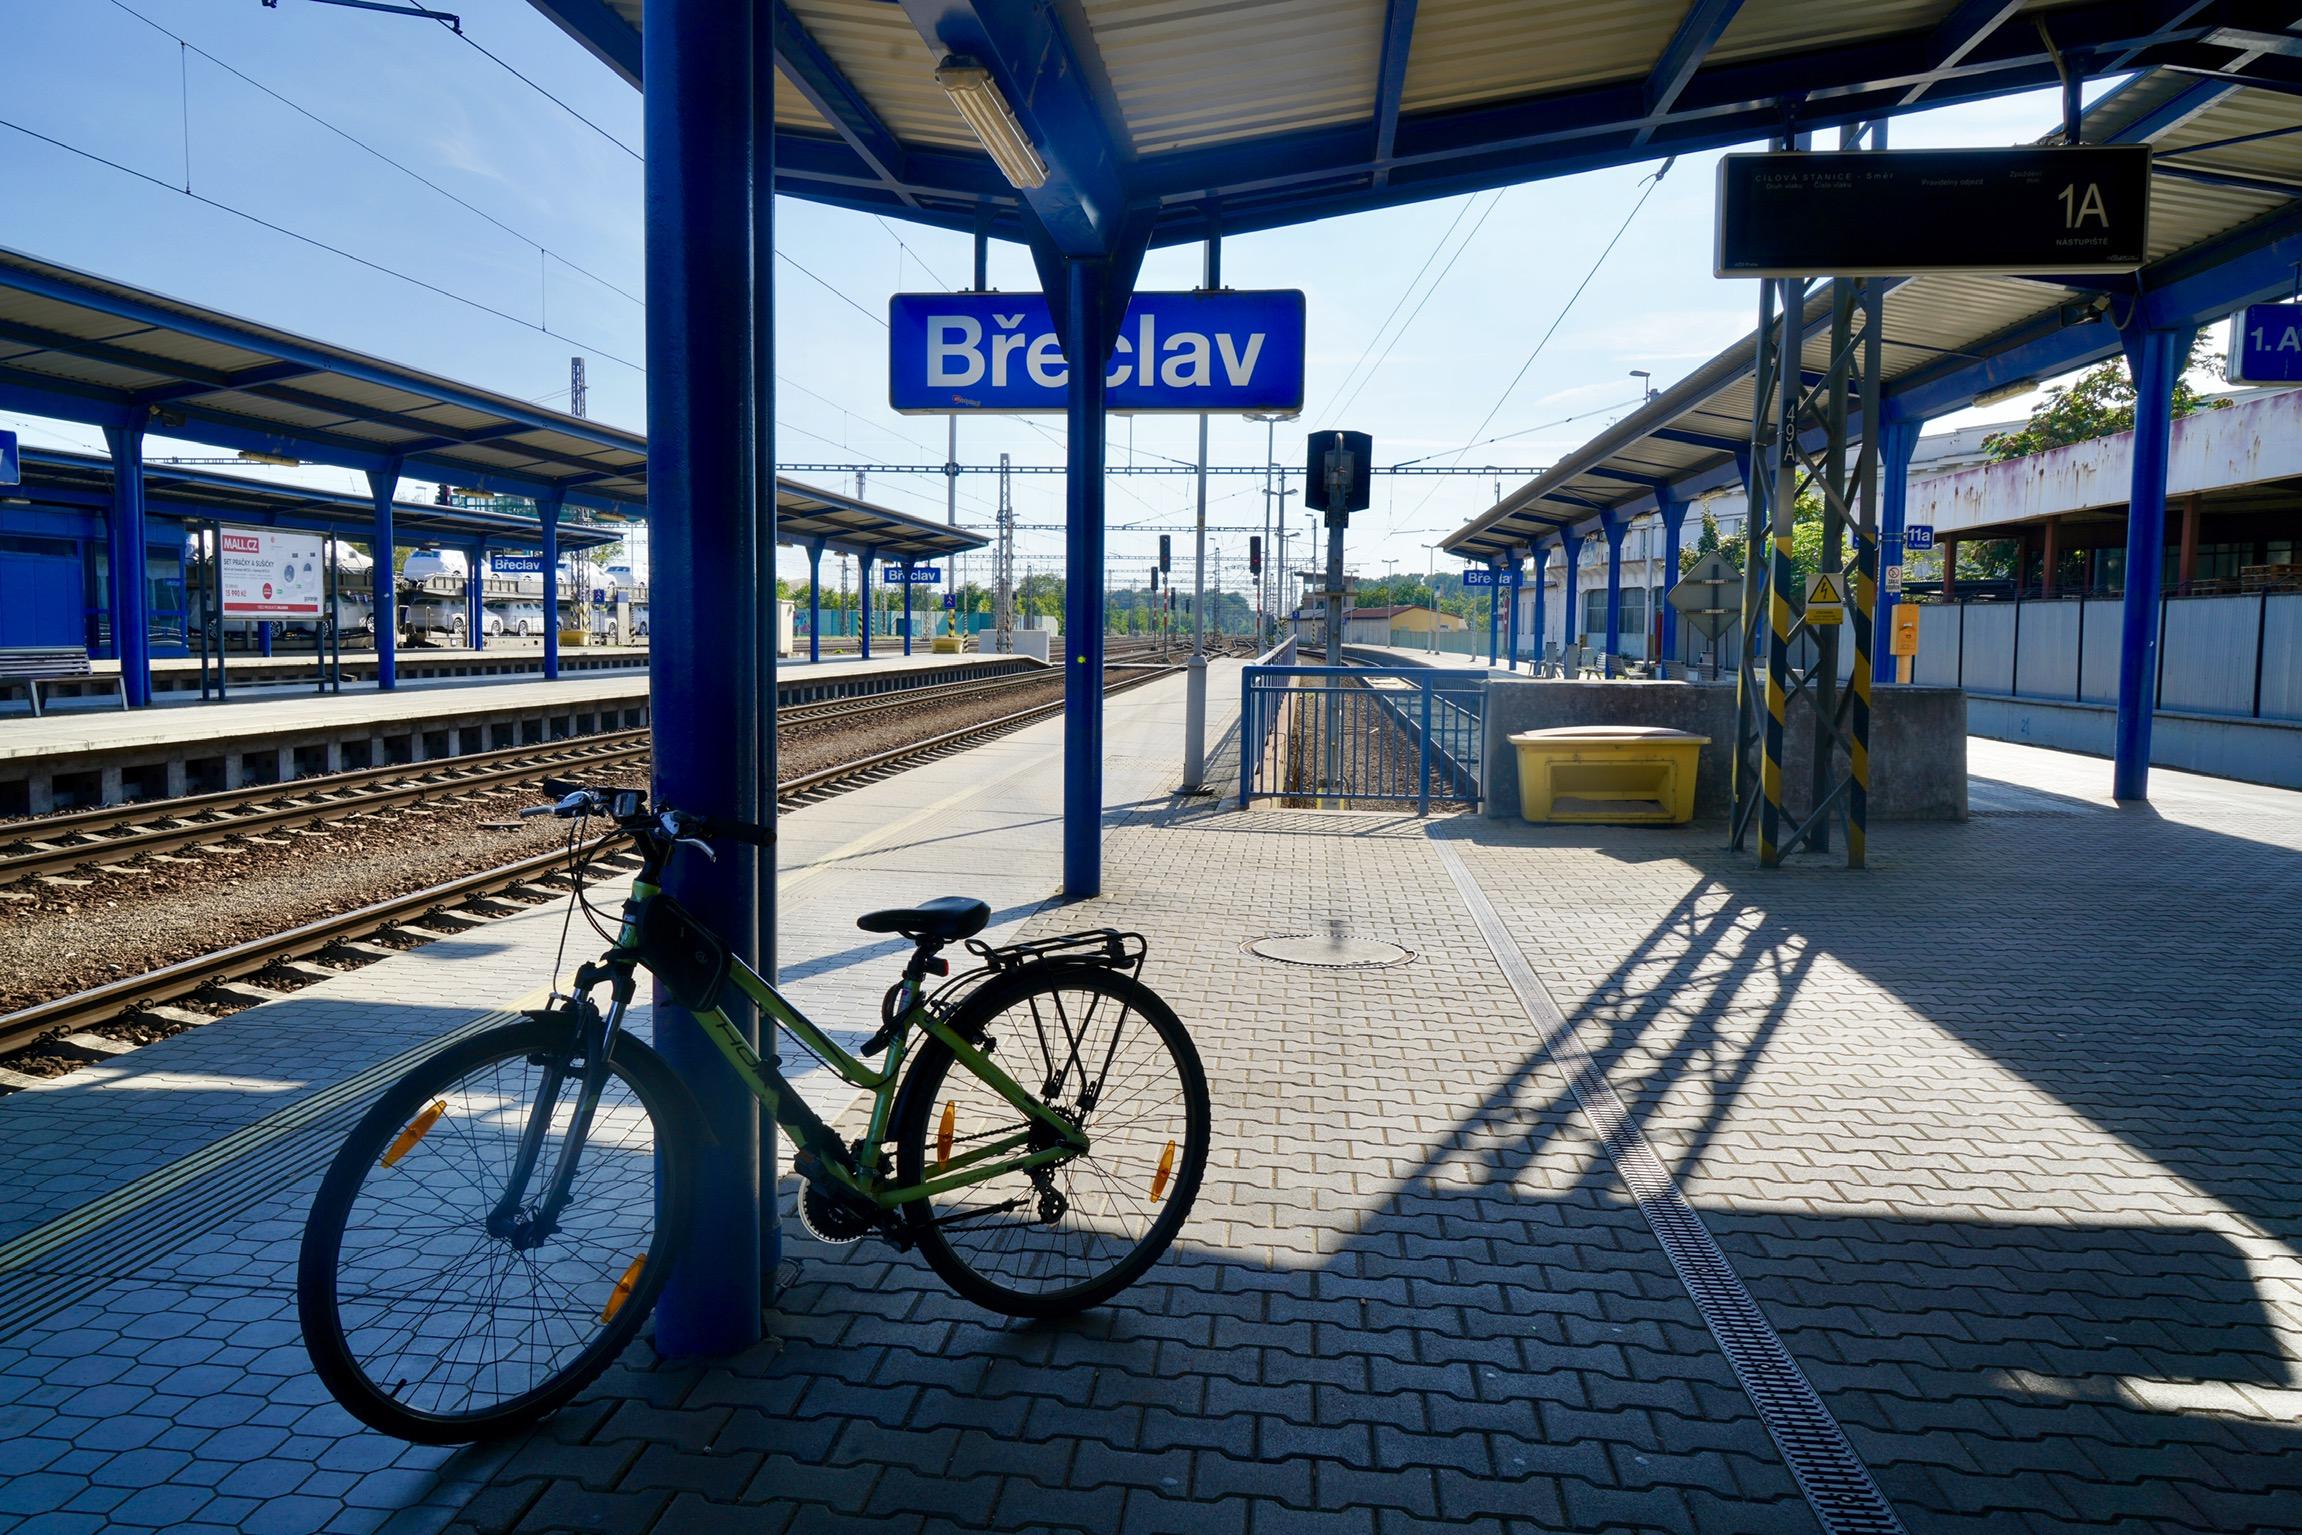 【ローカル気分で旅するチェコ】サイクリングで楽しむブジェツラフ&レドニツェ観光